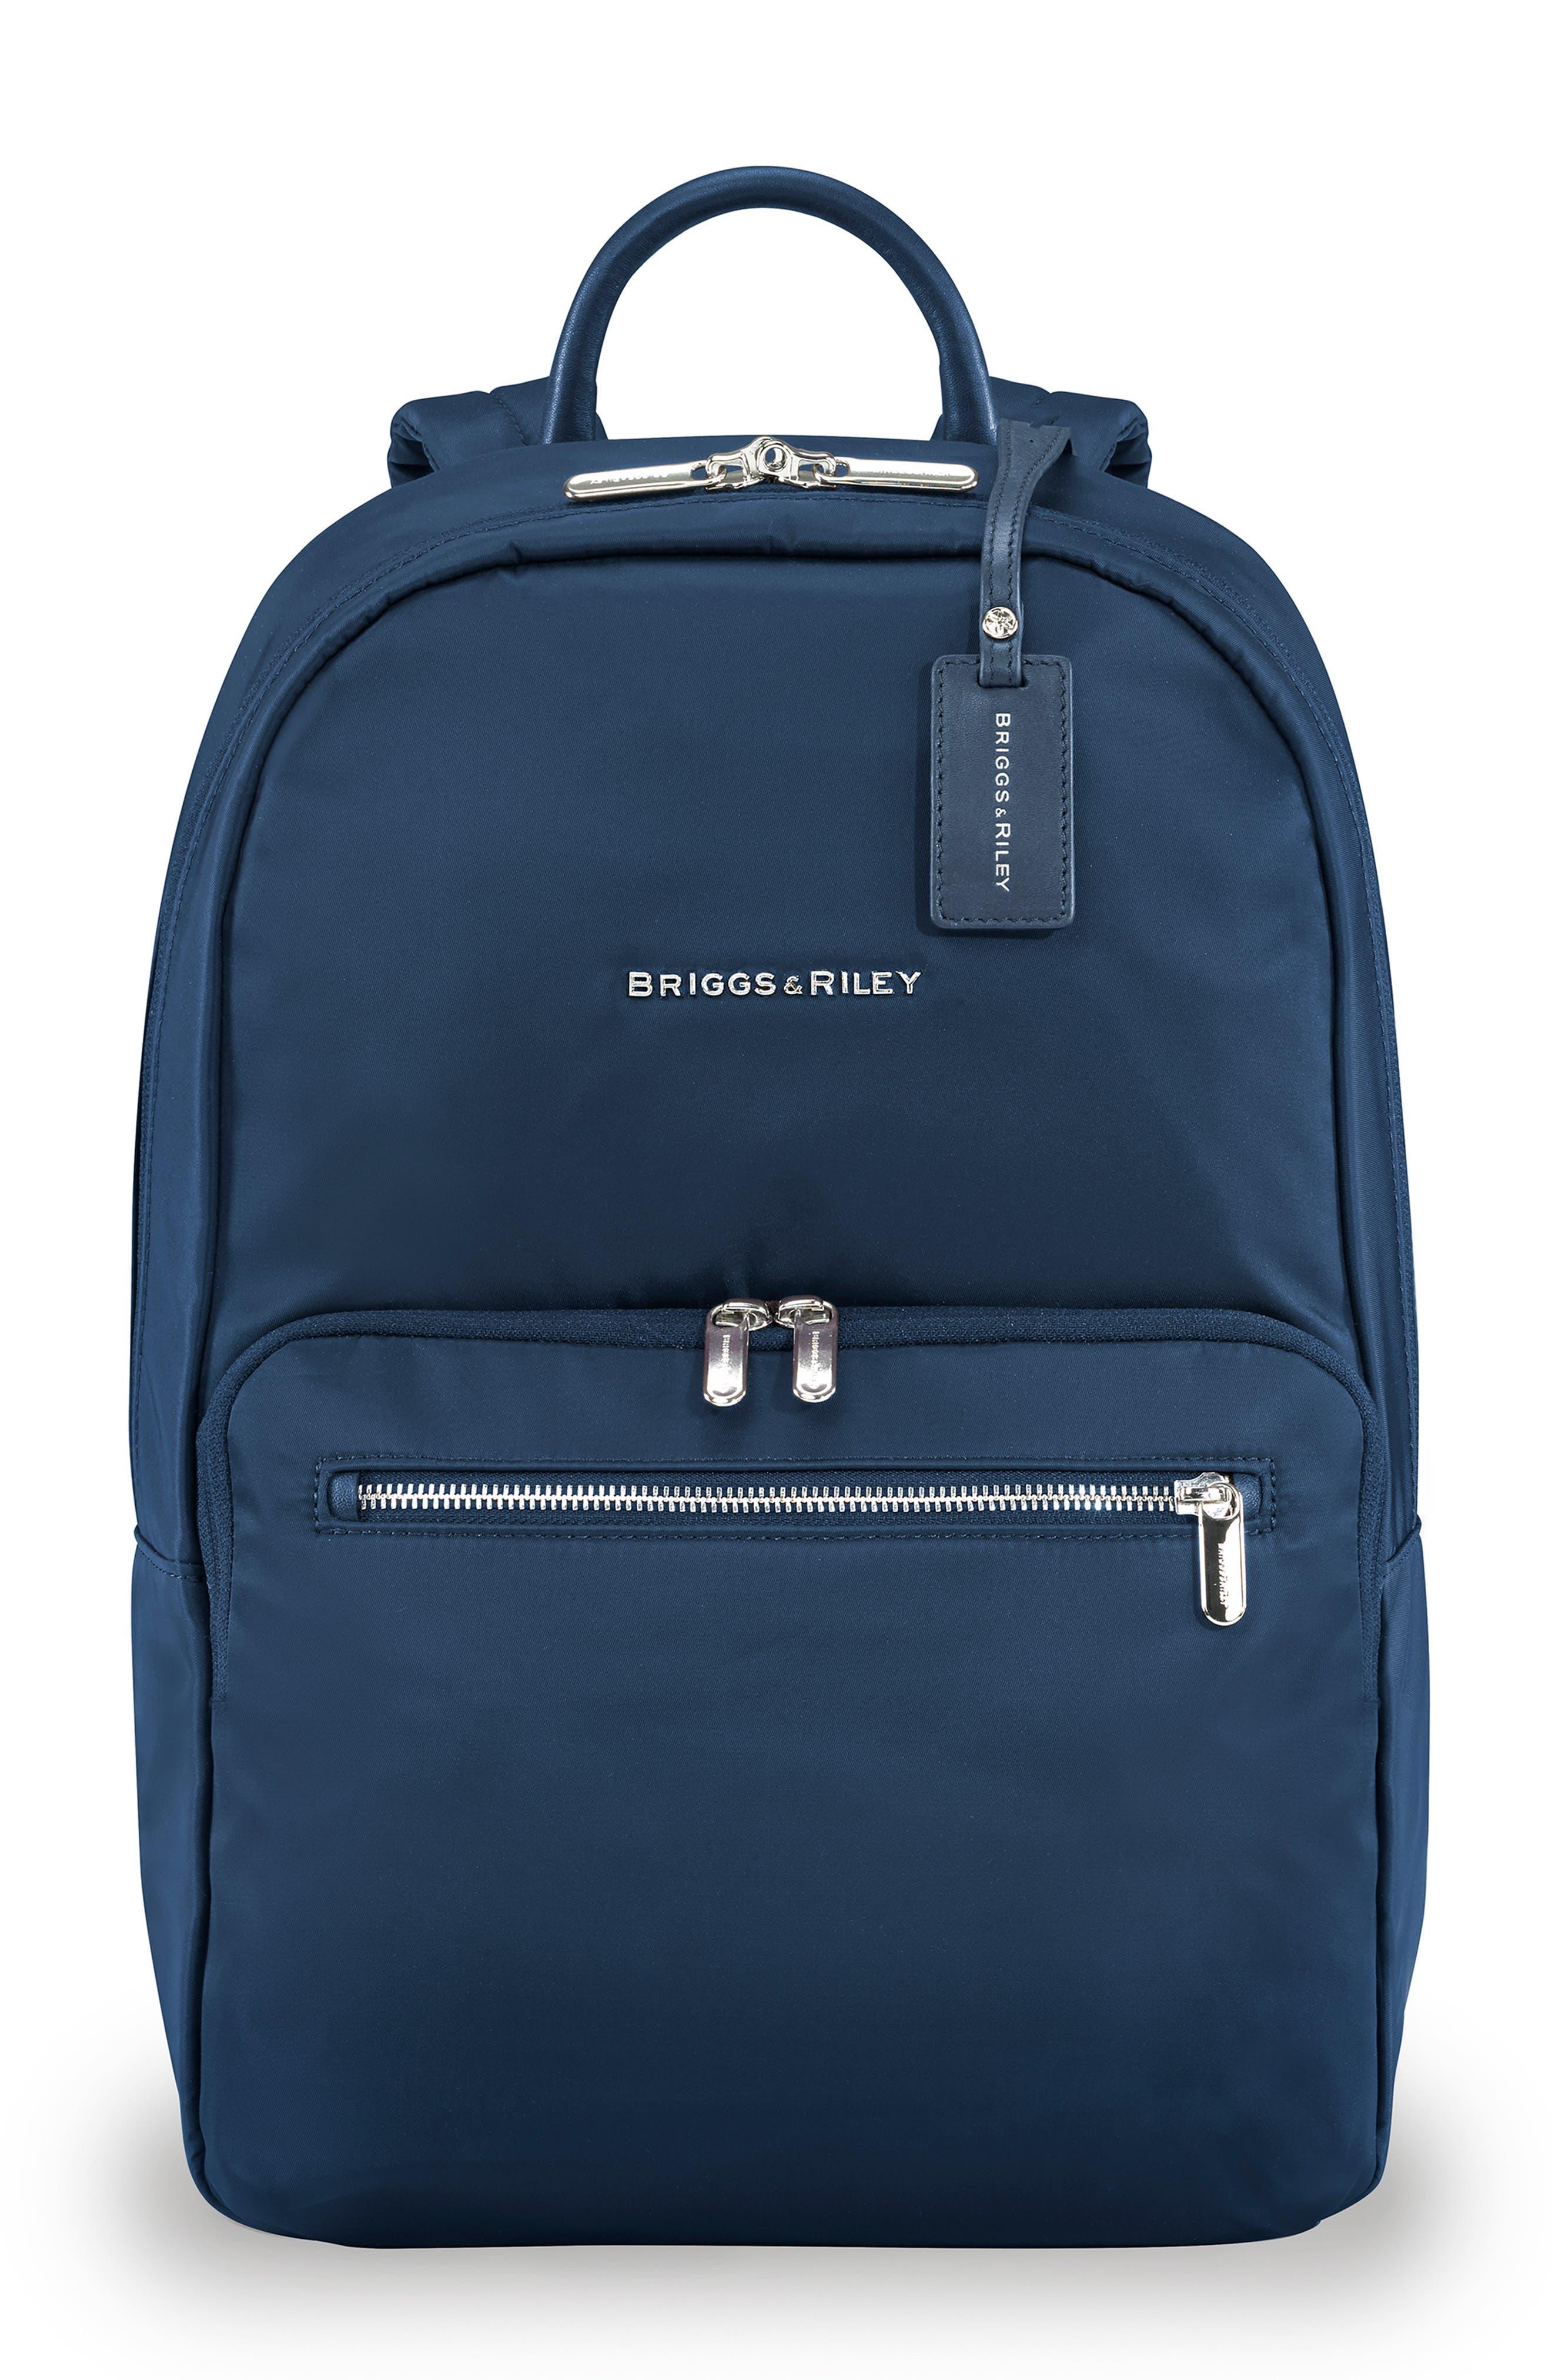 Rhapsody Essential Water Resistant Nylon Backpack